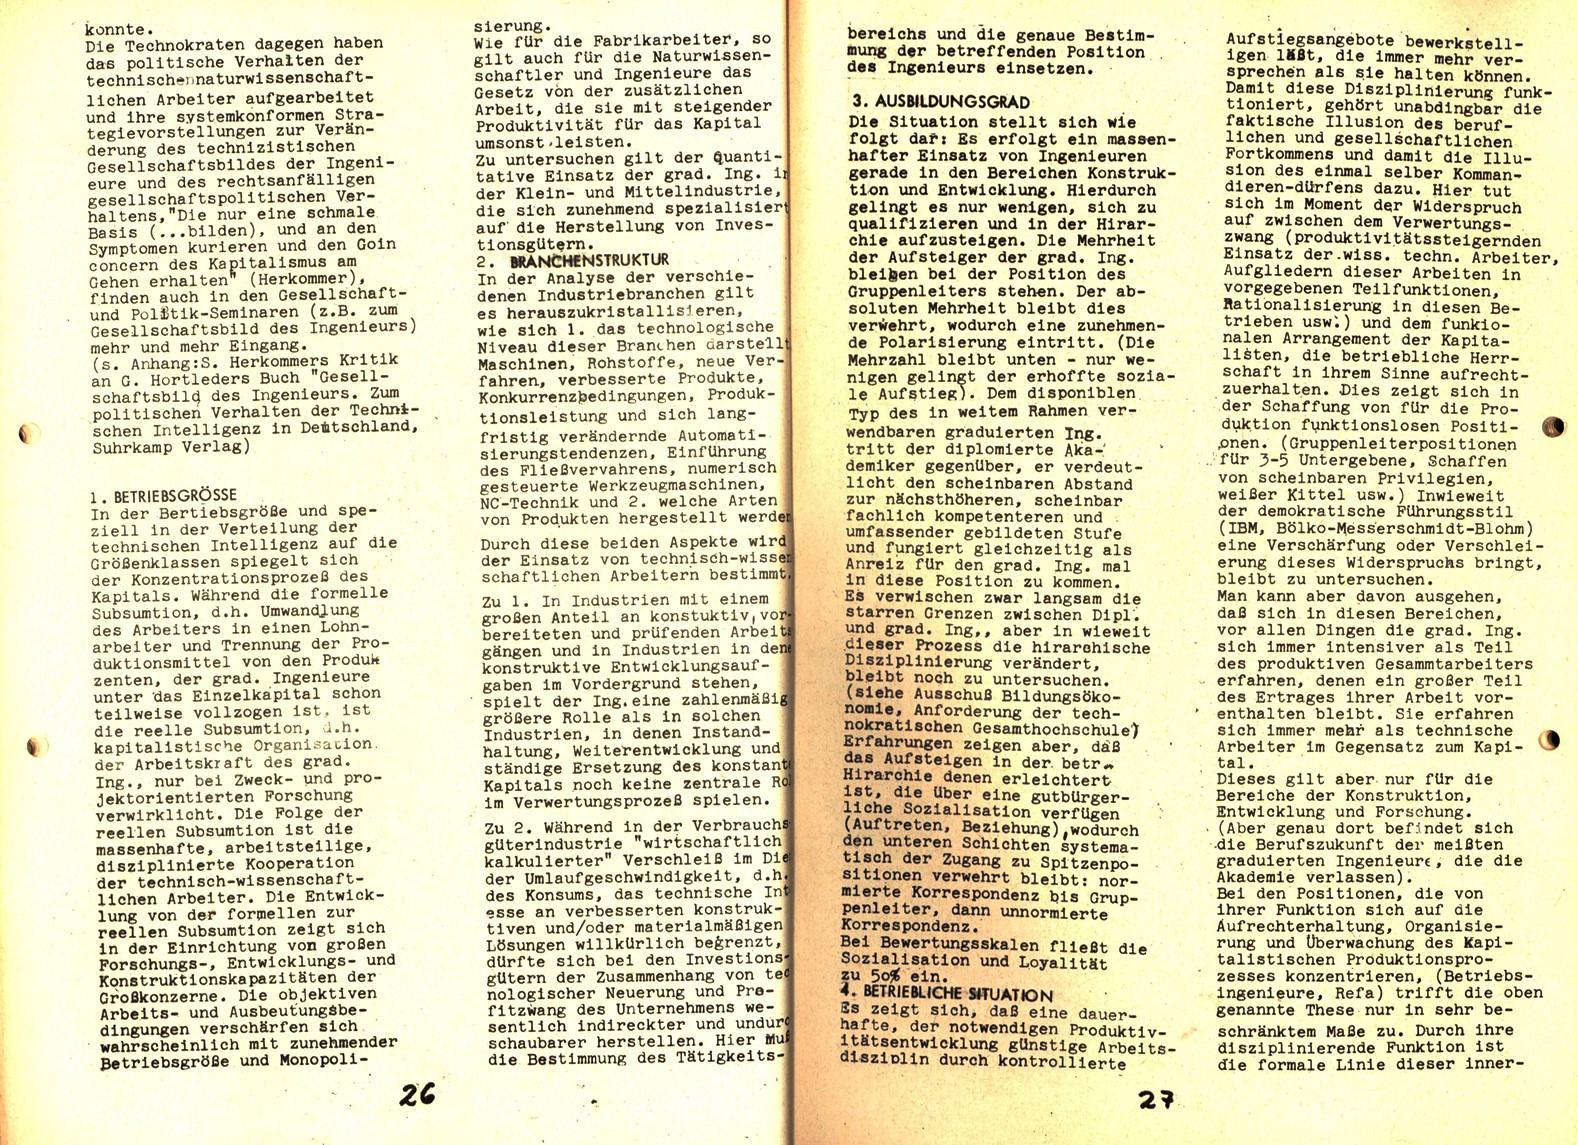 Berlin_Rotzing_1971_Kampfbericht_14